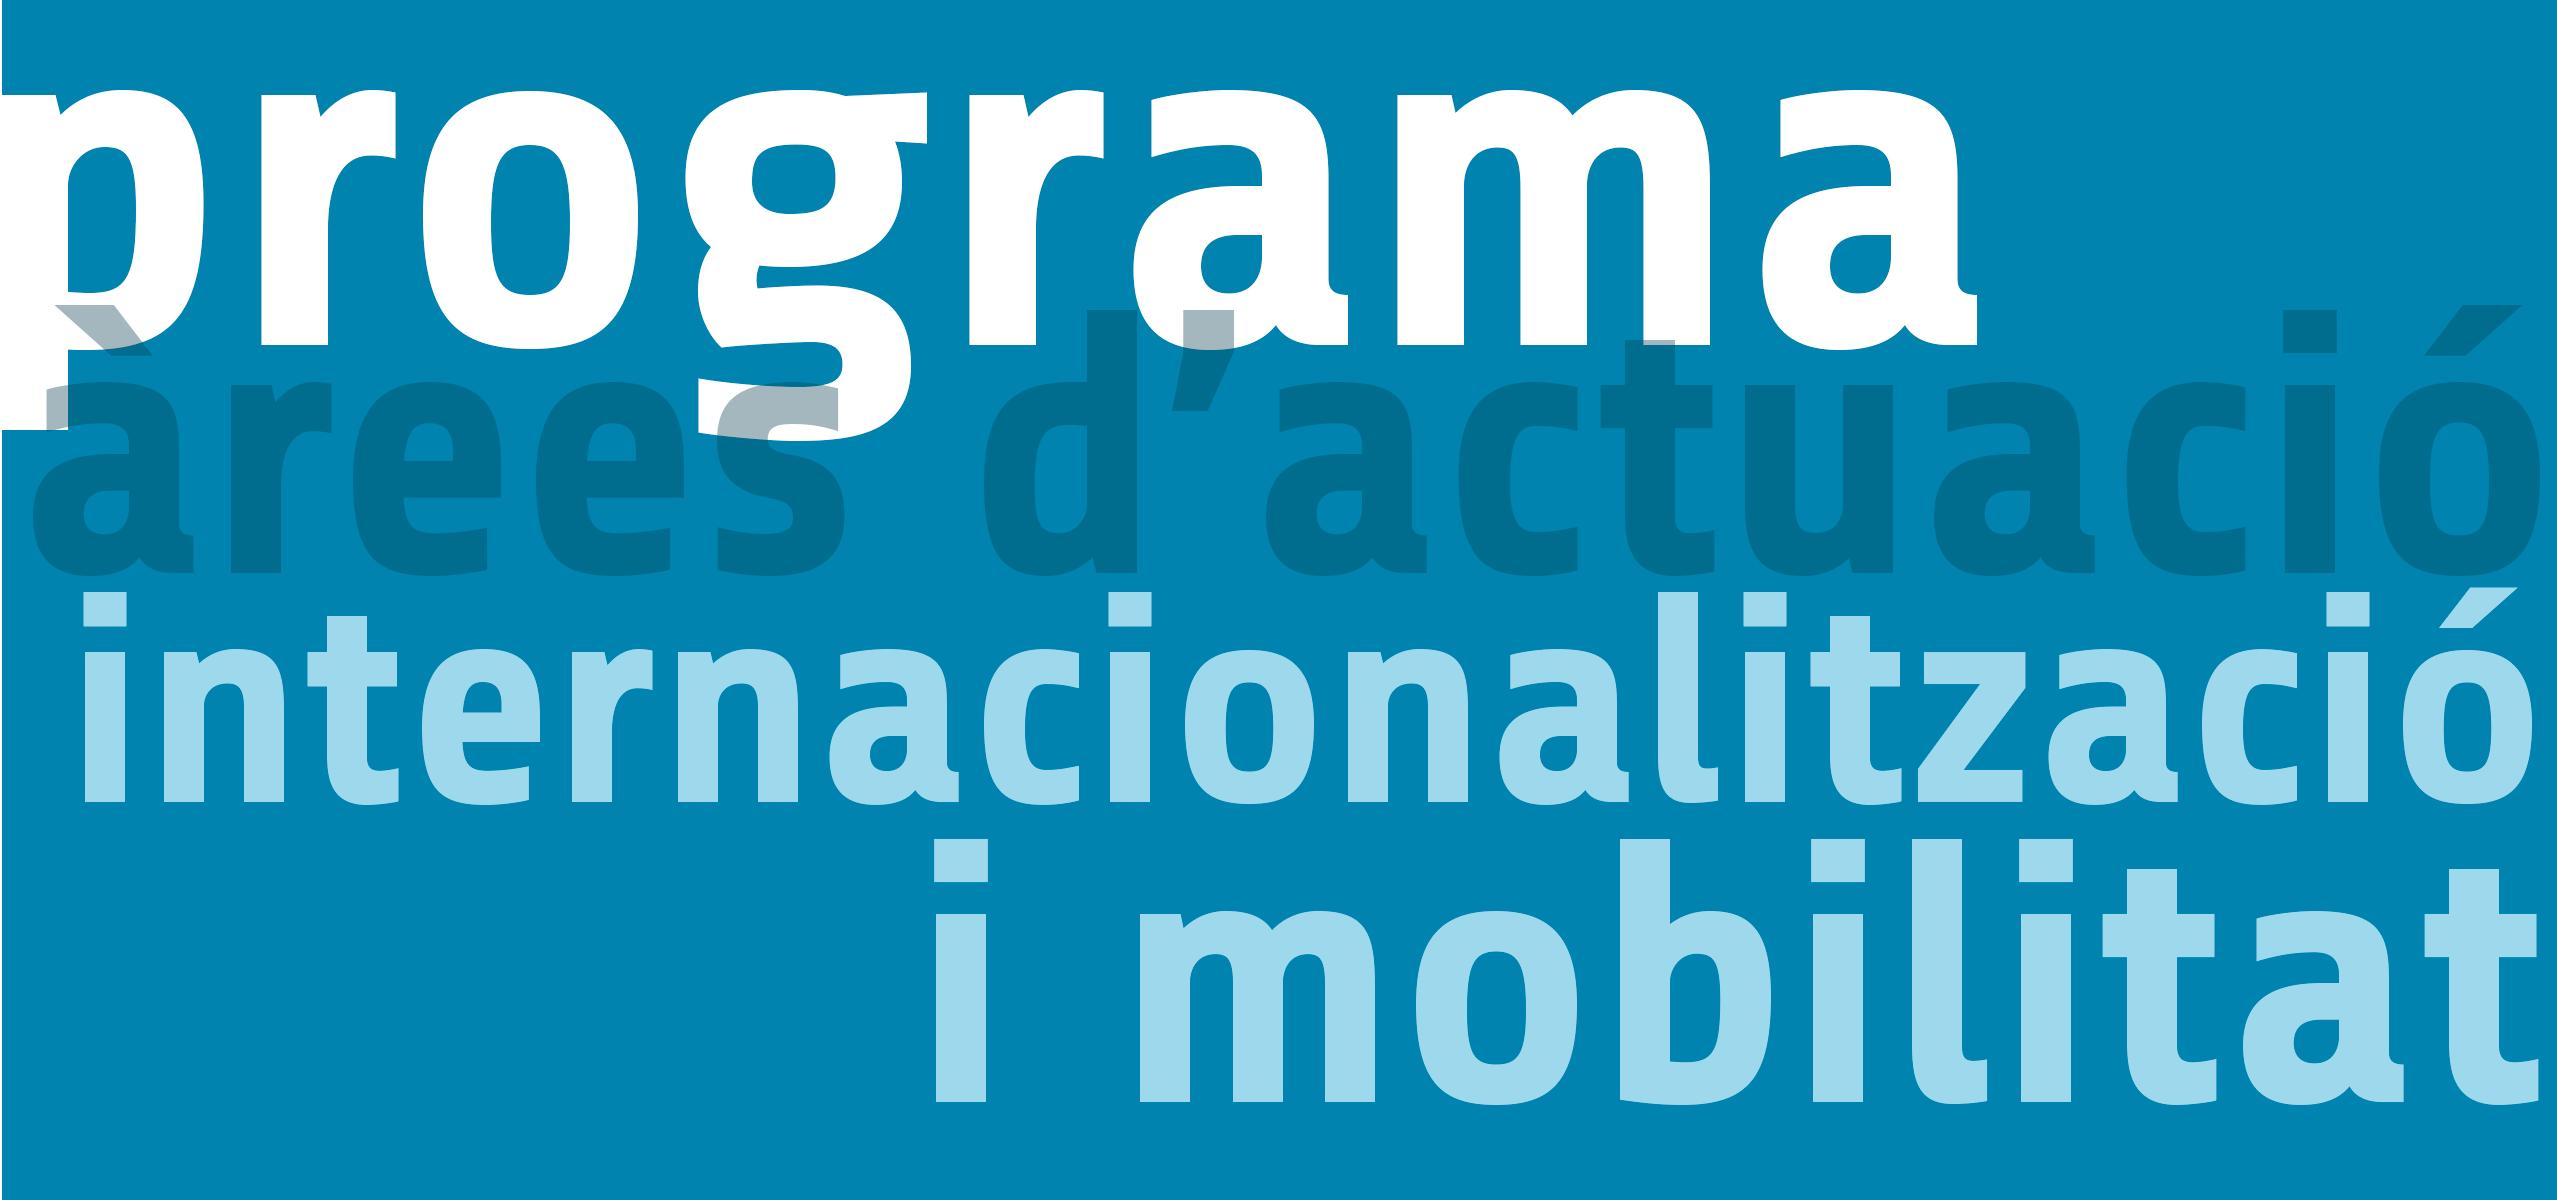 Internacionalització i mobilitat